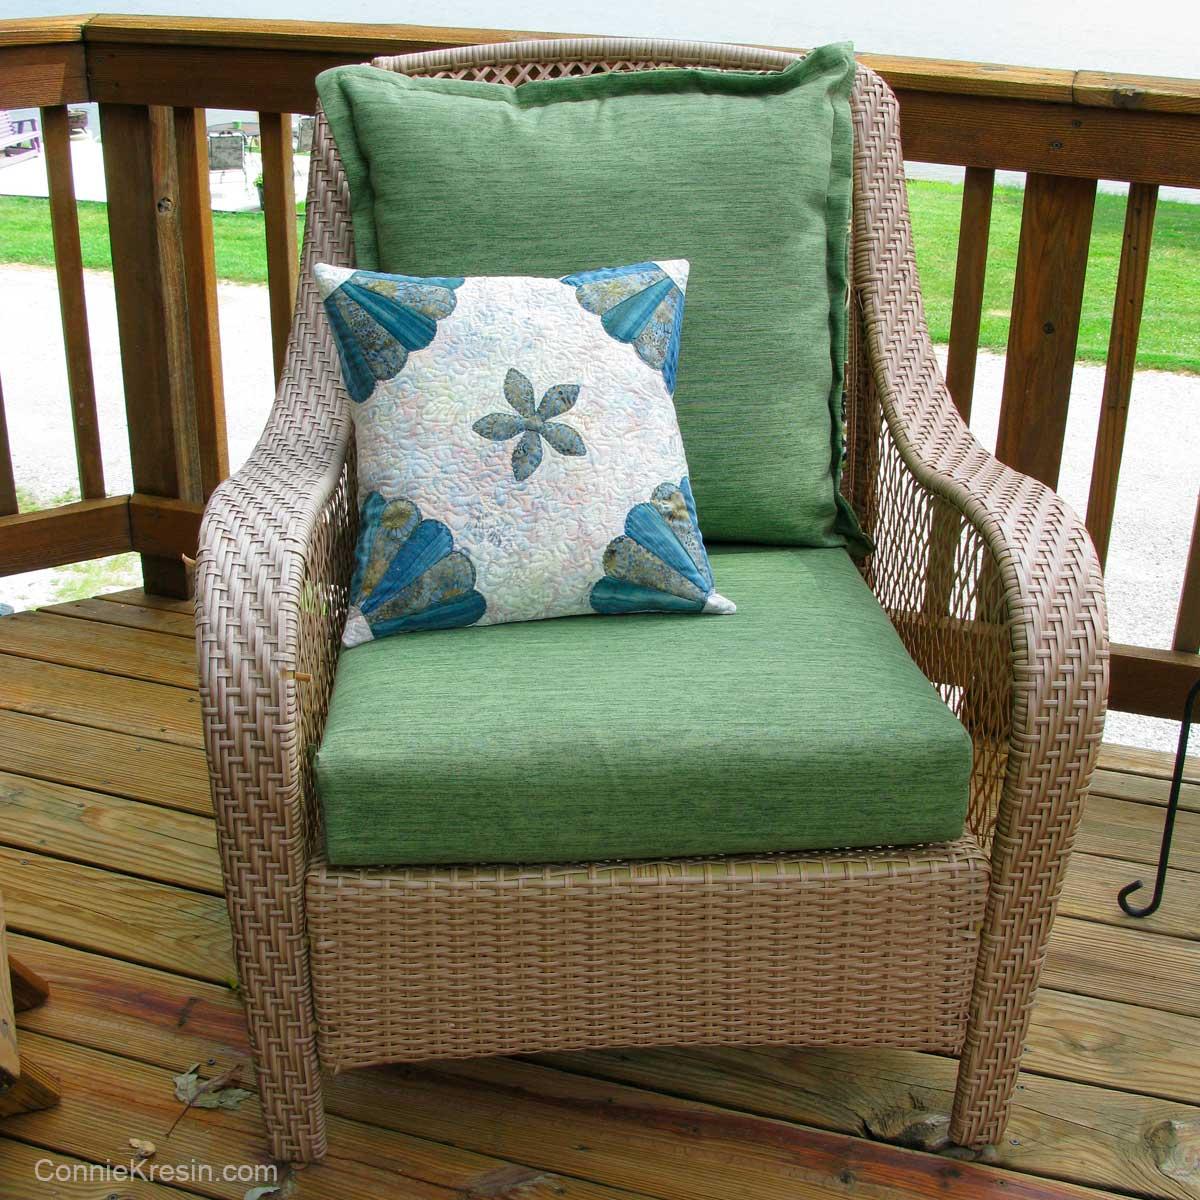 Dresden Flower pillow on deck chair